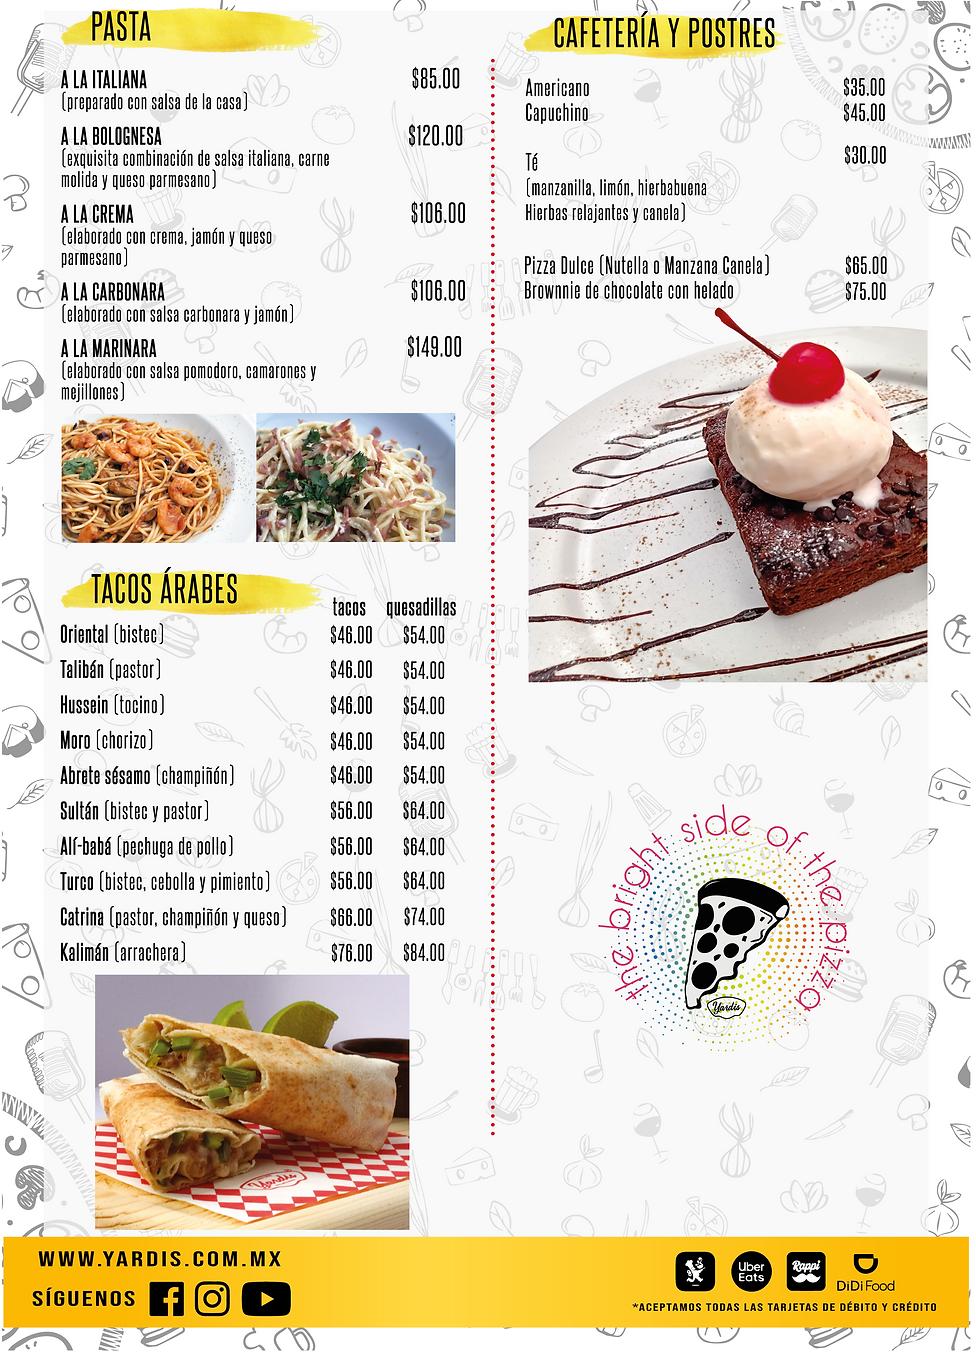 Pastas y Tacos Arabes Xotepingo2021.png